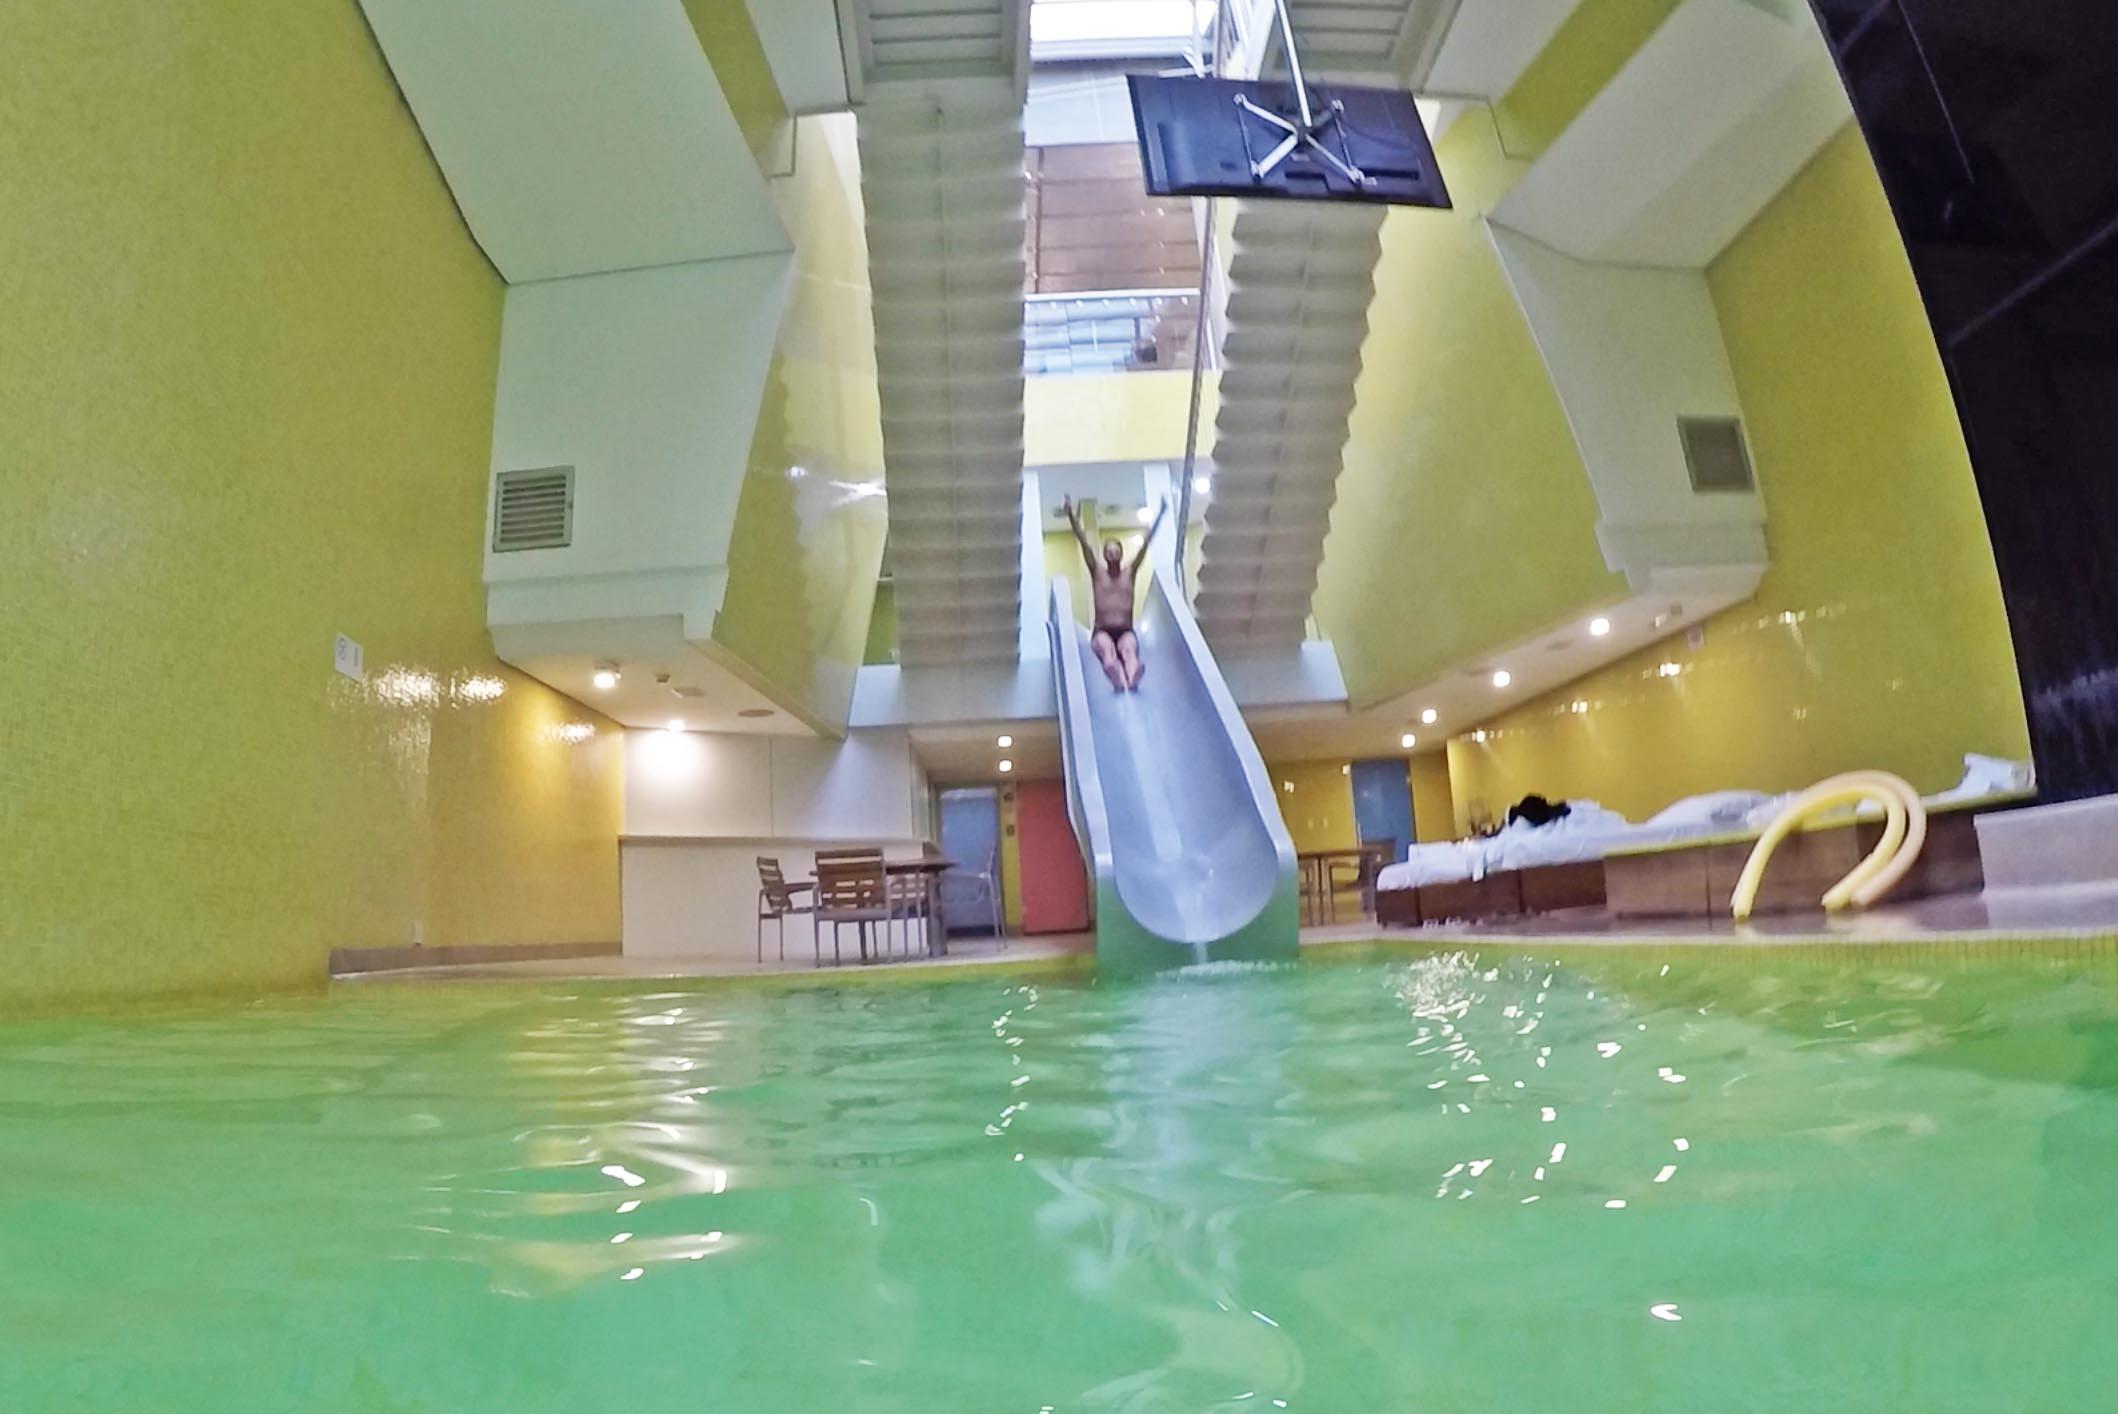 hotel unique indoor pool piscina coberta toboágua tobogã water slide